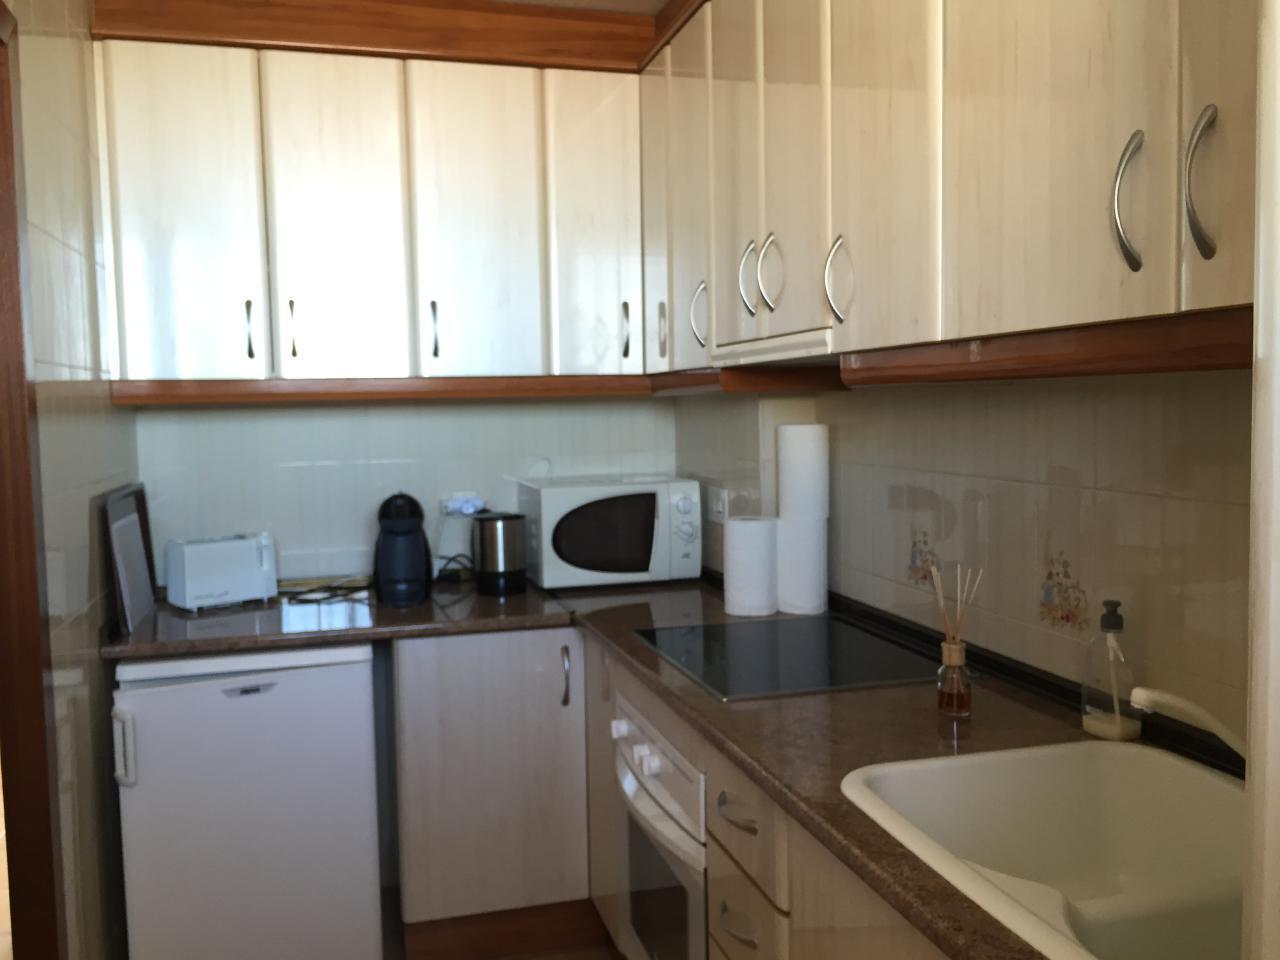 Ferienwohnung Sonnige 3.5 Zi-Wohnung am Meer (1026876), Torrevieja, Costa Blanca, Valencia, Spanien, Bild 18